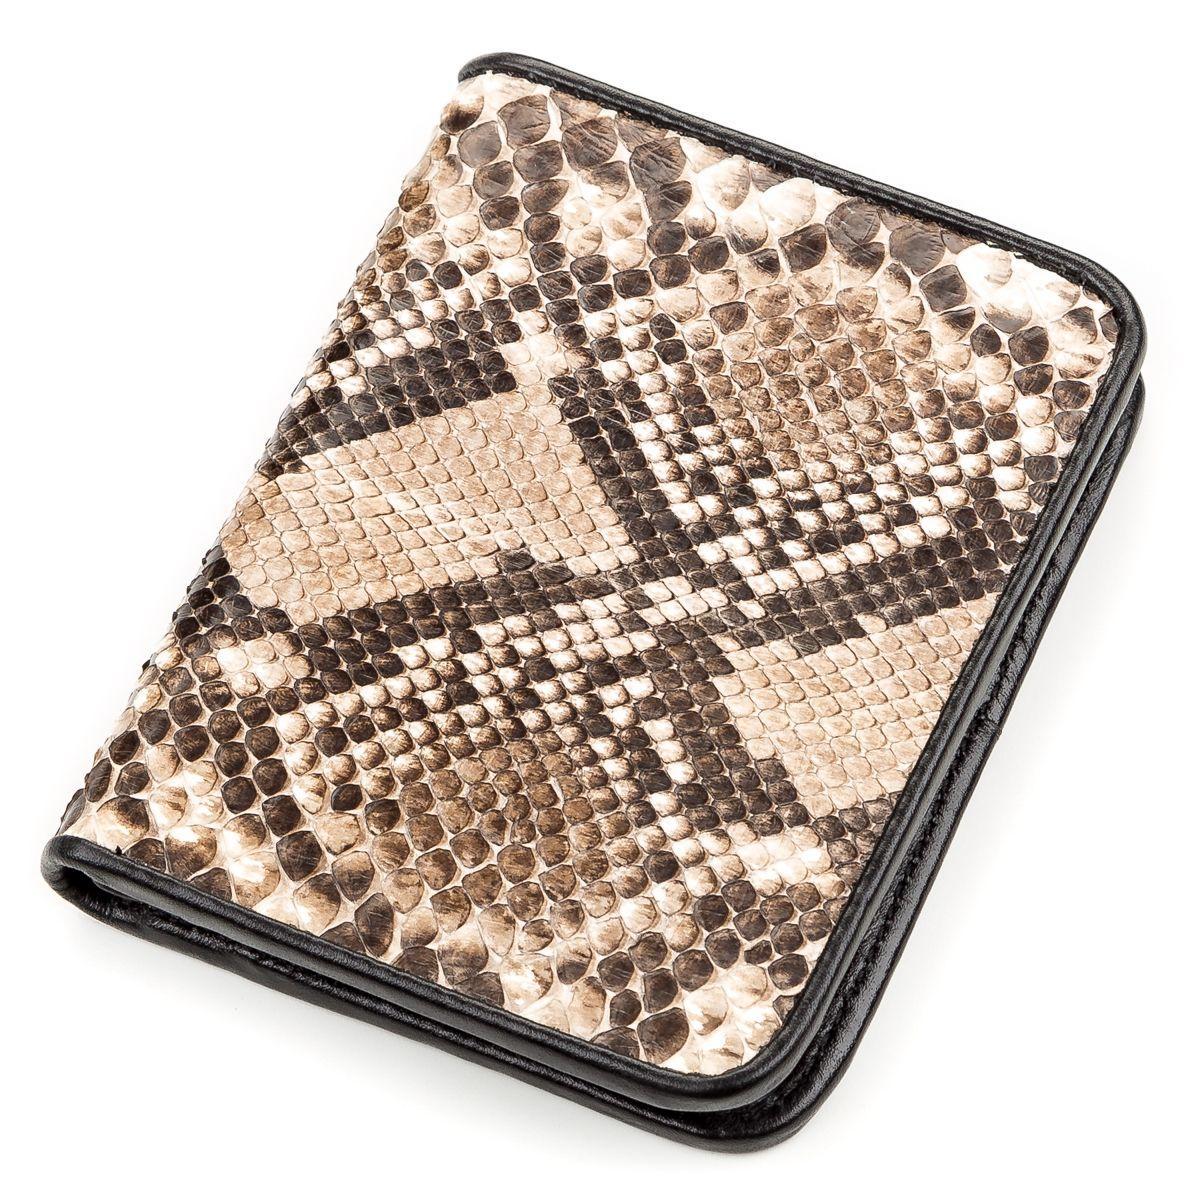 Портмоне Snake Leather 18198 Из Натуральной Кожи Питона Коричневое, Коричневый